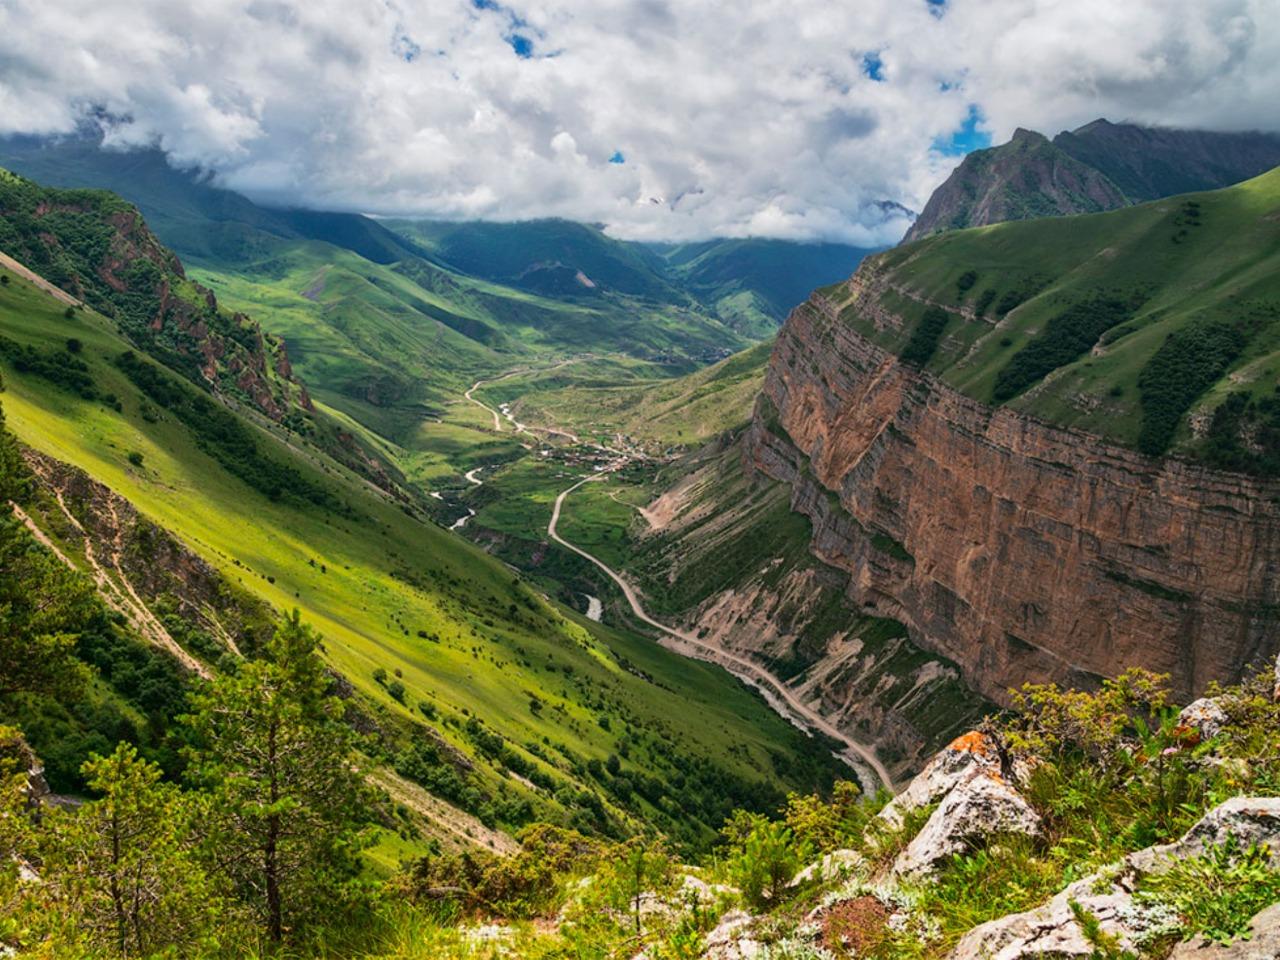 Озеро Гижгит, перевал Актопрак и Верхний Чегем - групповая экскурсия в Пятигорске от опытного гида